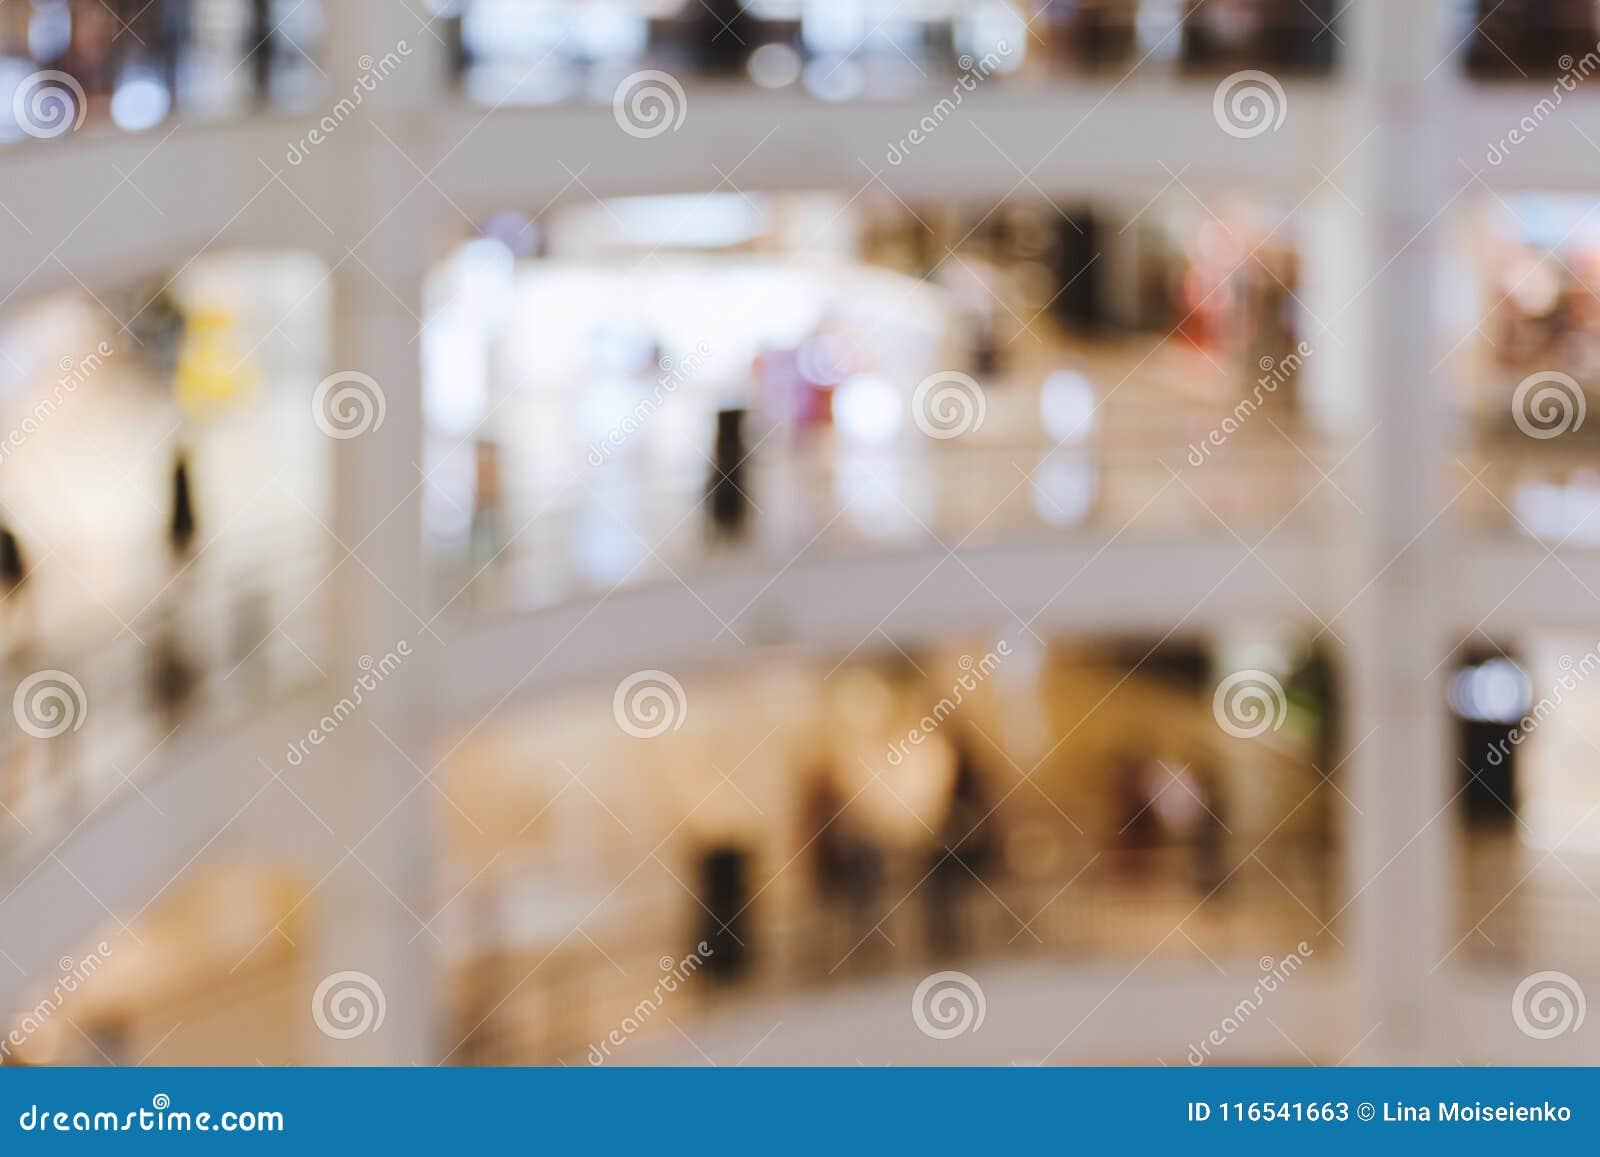 被弄脏的图象,浅景深-大多层的购物中心内部与温暖的光,人们的